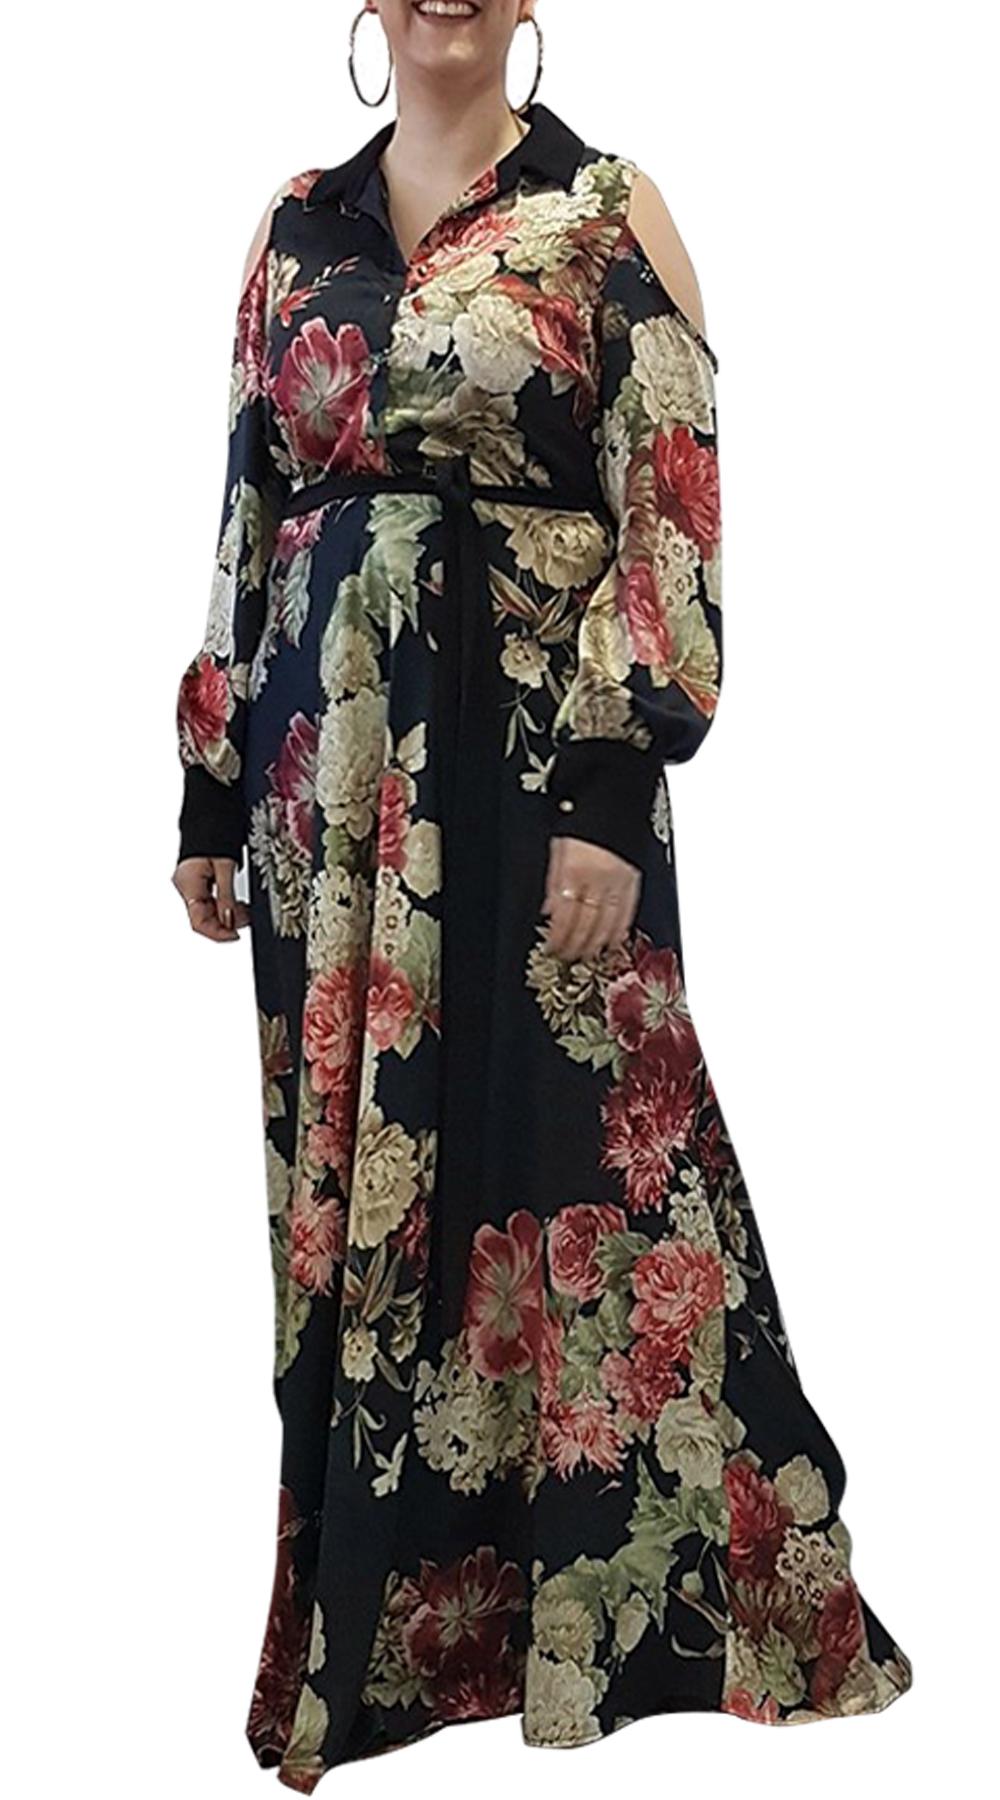 Μάξι φόρεμα φλοράλ Curvy με cut out ώμους και ζώνη - OEM - FA17OP-C-5634 φορέματα φλοράλ φορέματα